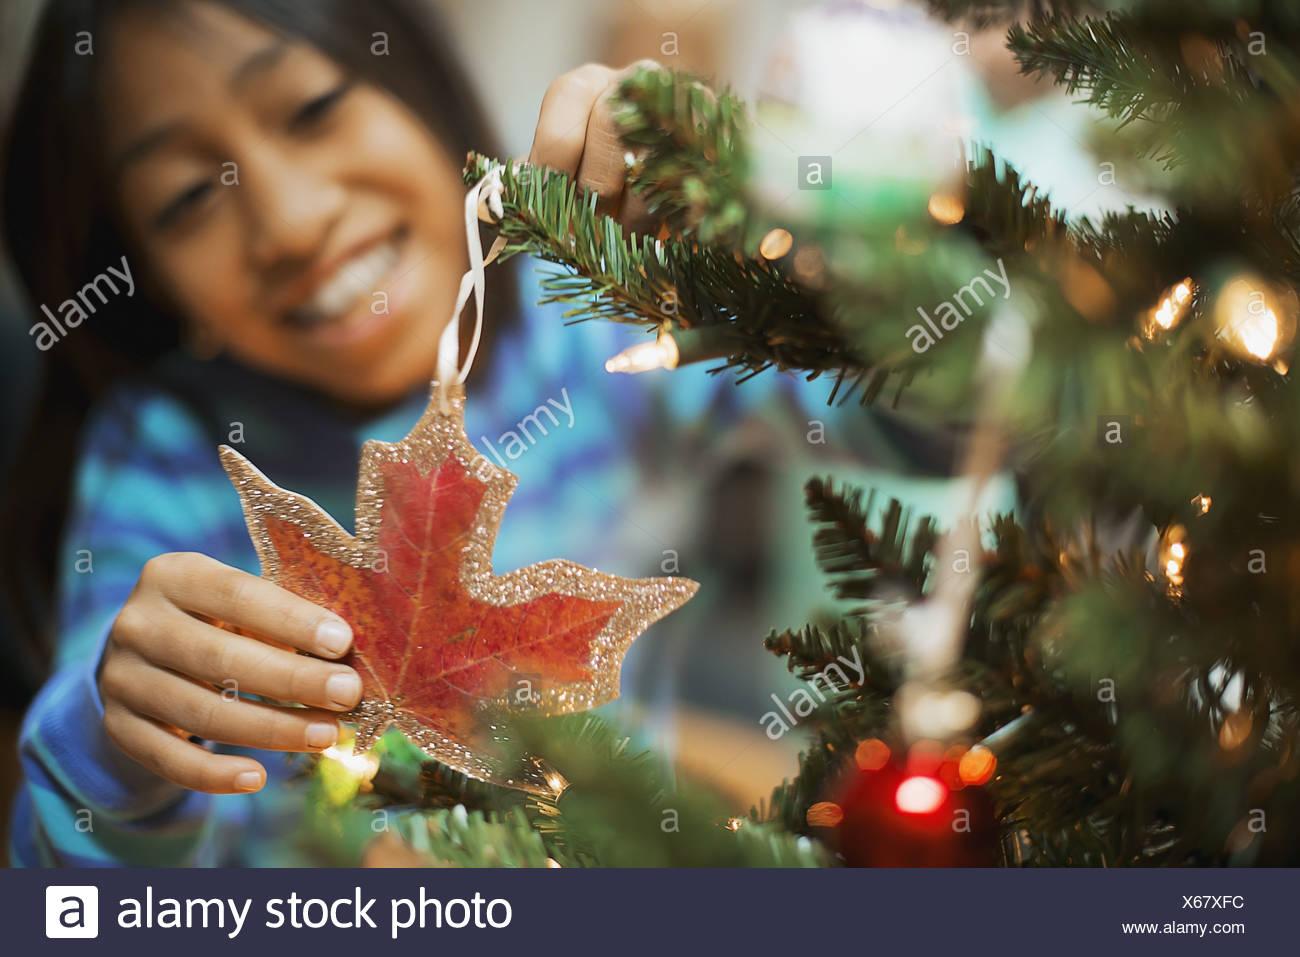 Woodstock New York STATI UNITI D'AMERICA giovane ragazza immissione artigianale di ornamento di Natale Immagini Stock